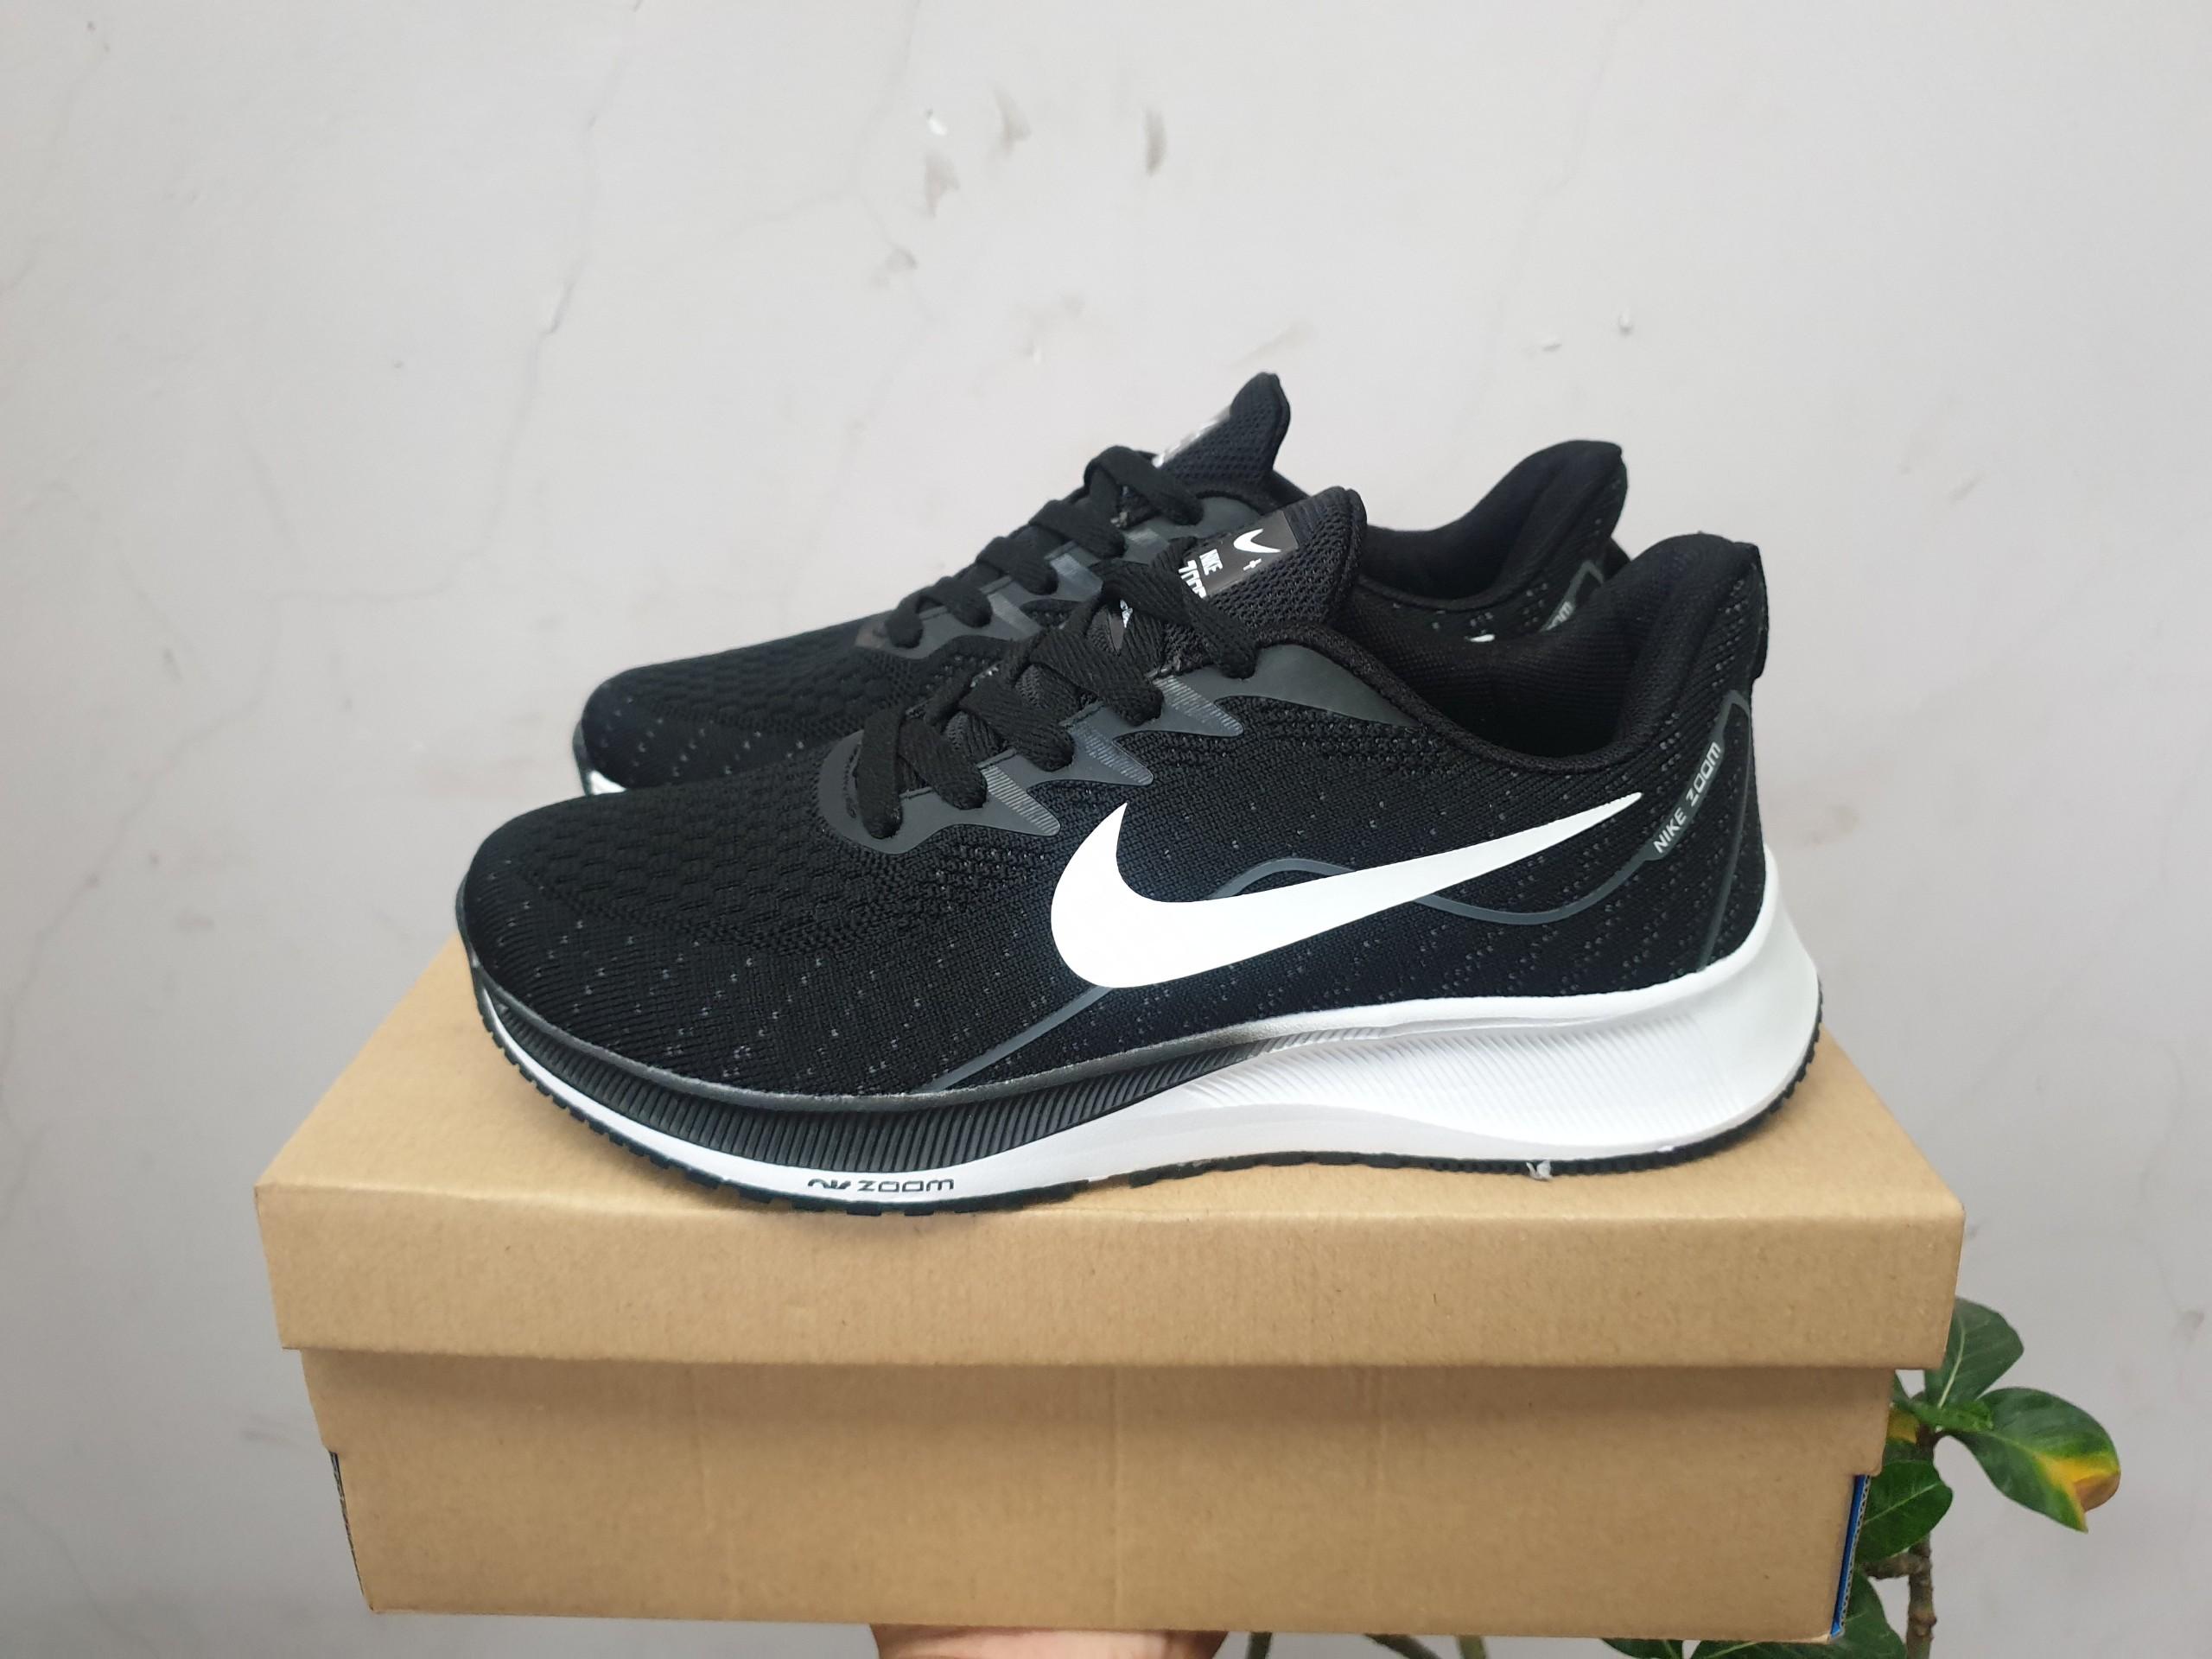 Giày nike Zoom 1 đen trắng